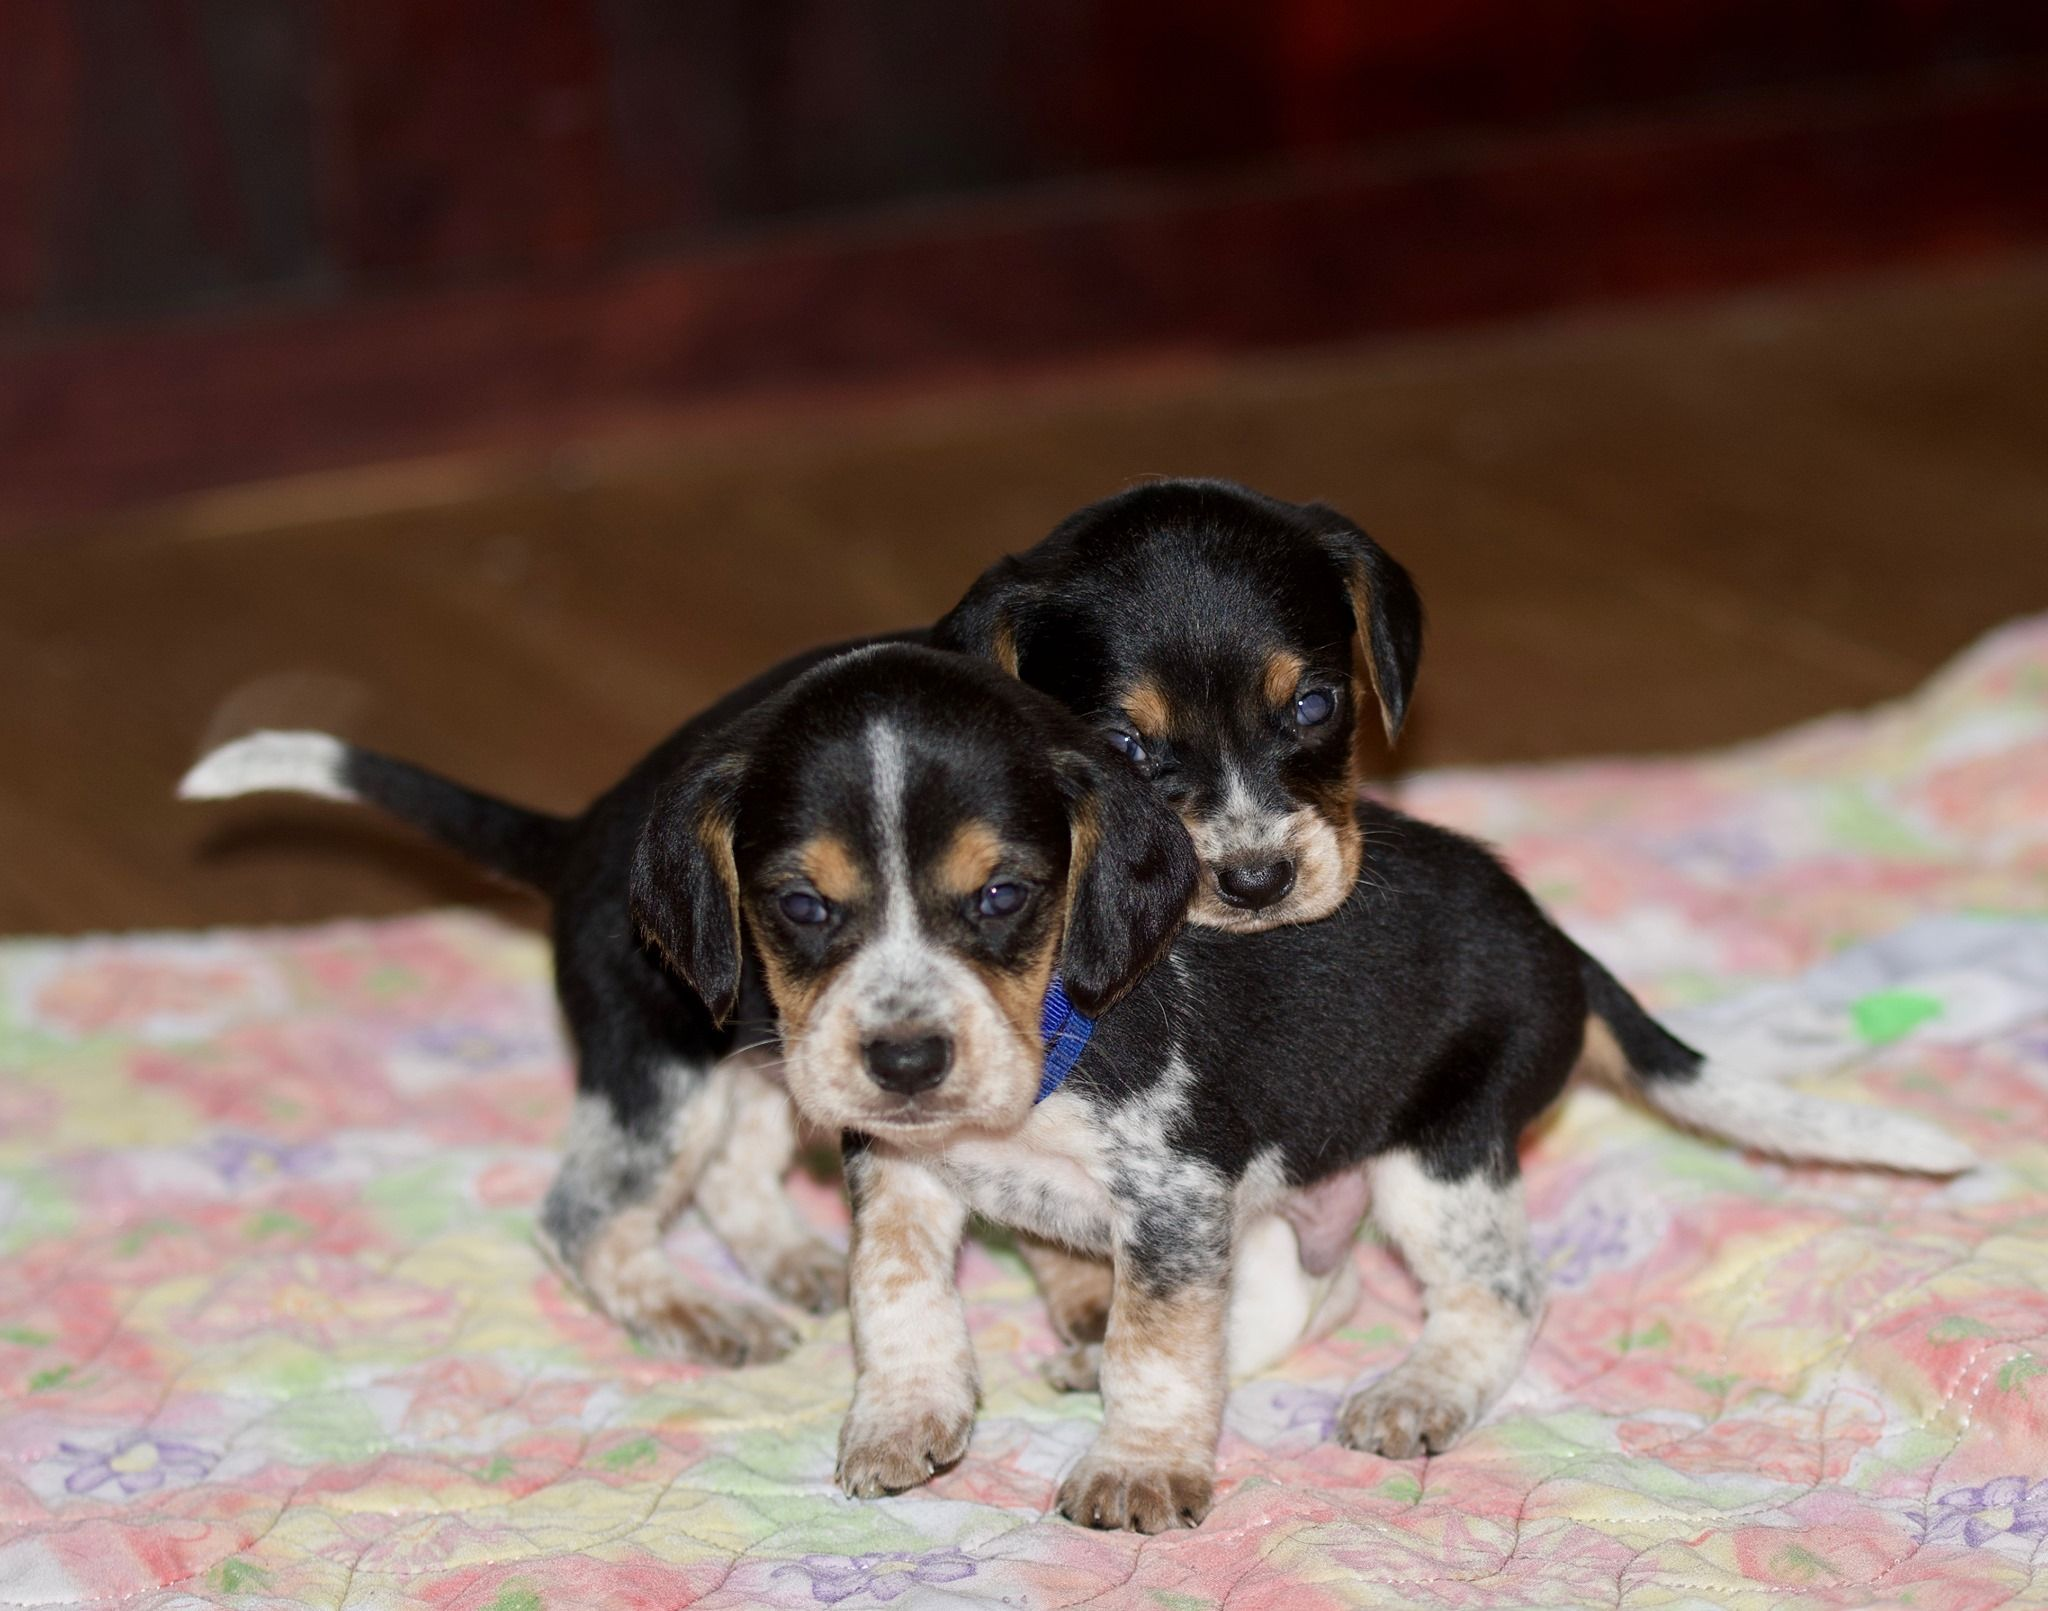 66650262 699680153802114 3398492408827084800 O 1 Jpg 2 Puppy Finder Puppies Dog Breeder